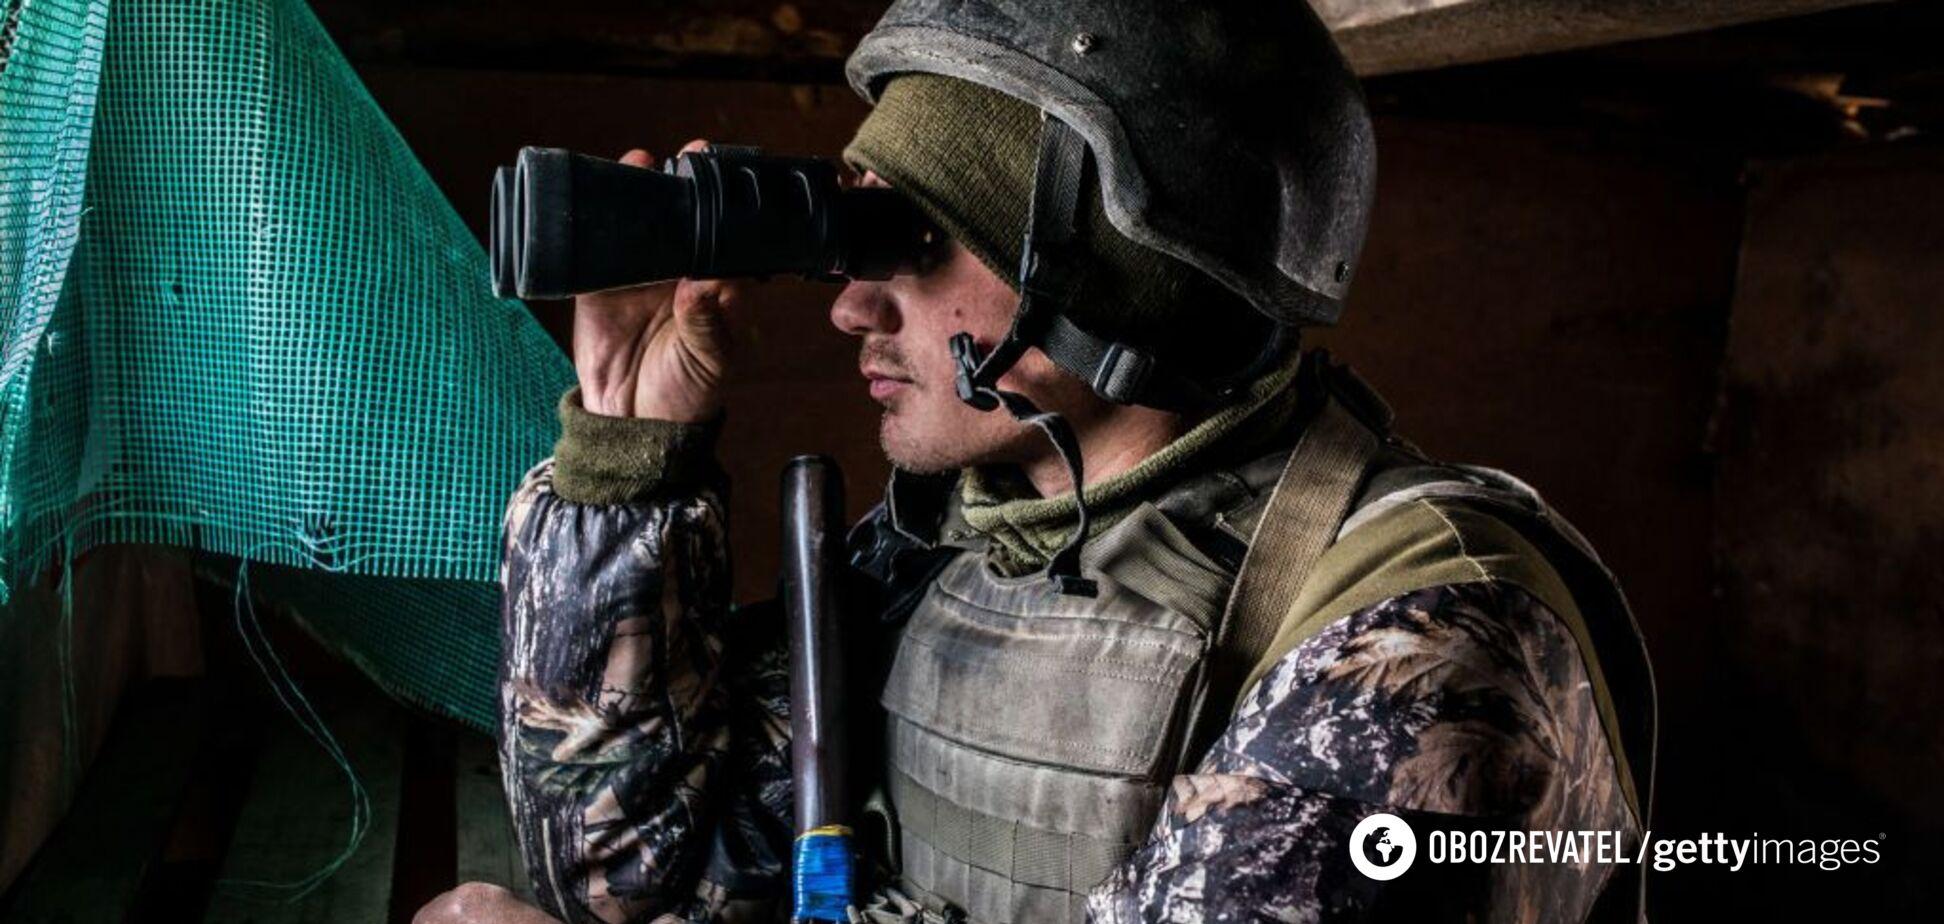 Переговори не впливають? Терористи на Донбасі вдарилися в обстріли і ігнорують Мінськ